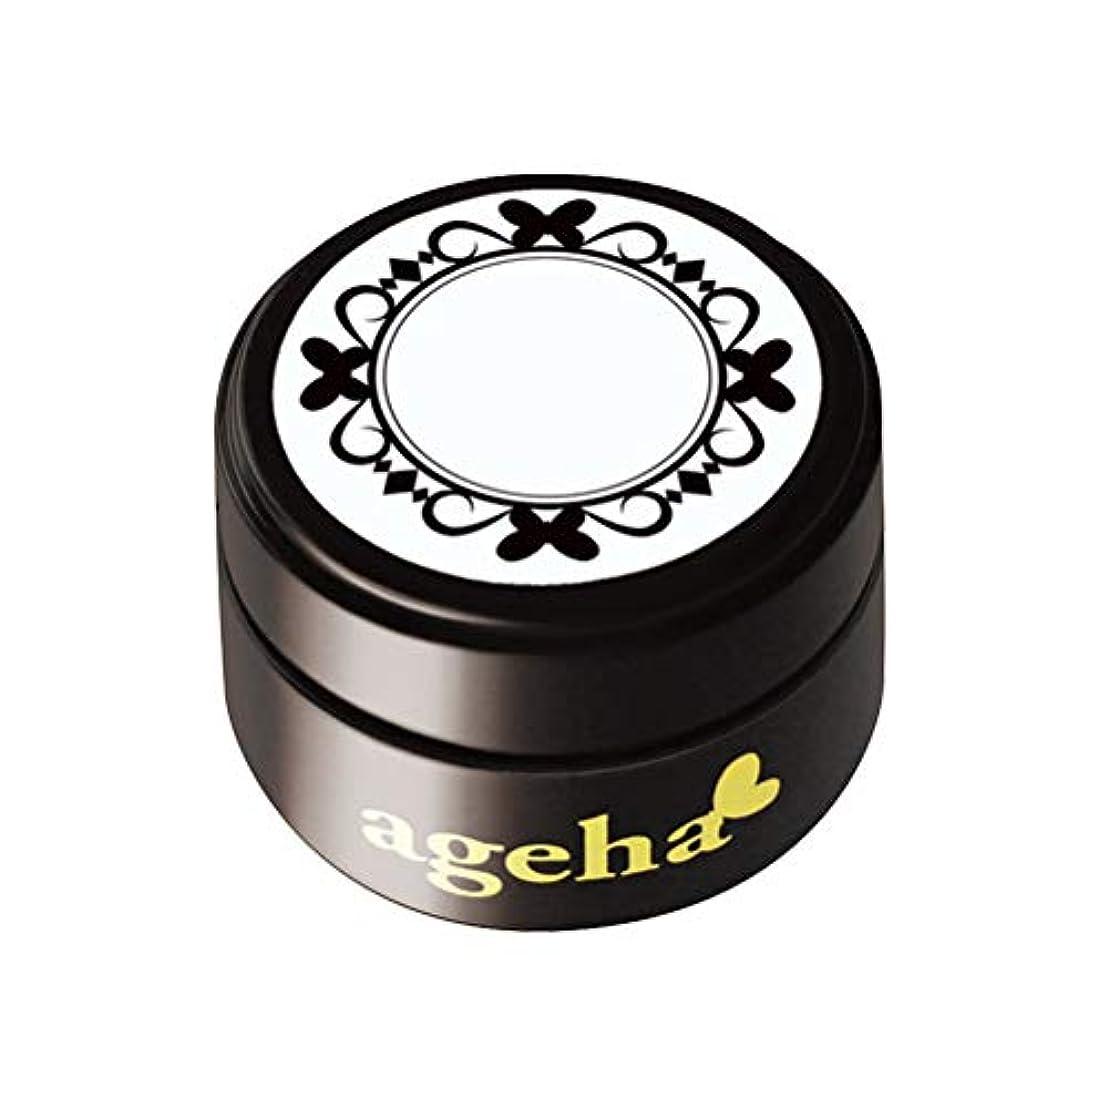 広告廃止する数ageha カラージェル コスメカラー 301 マットブラックA マット 2.7g UV/LED対応